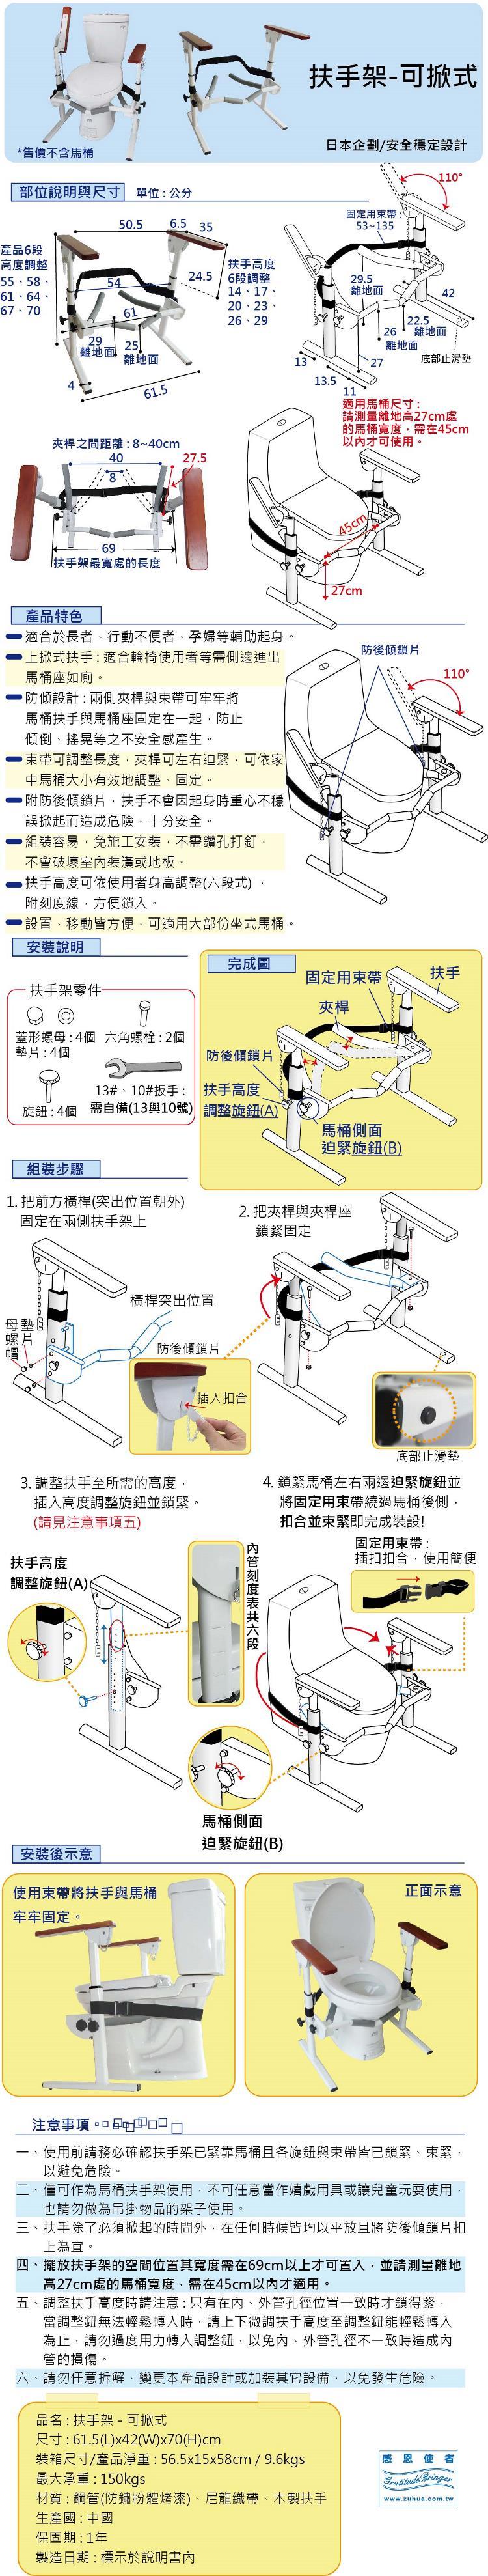 馬桶扶手:馬桶有無後水箱都不是問題,旁邊有操作台也能裝設使用,附綁帶更牢固,扶手可掀起,更好就座!